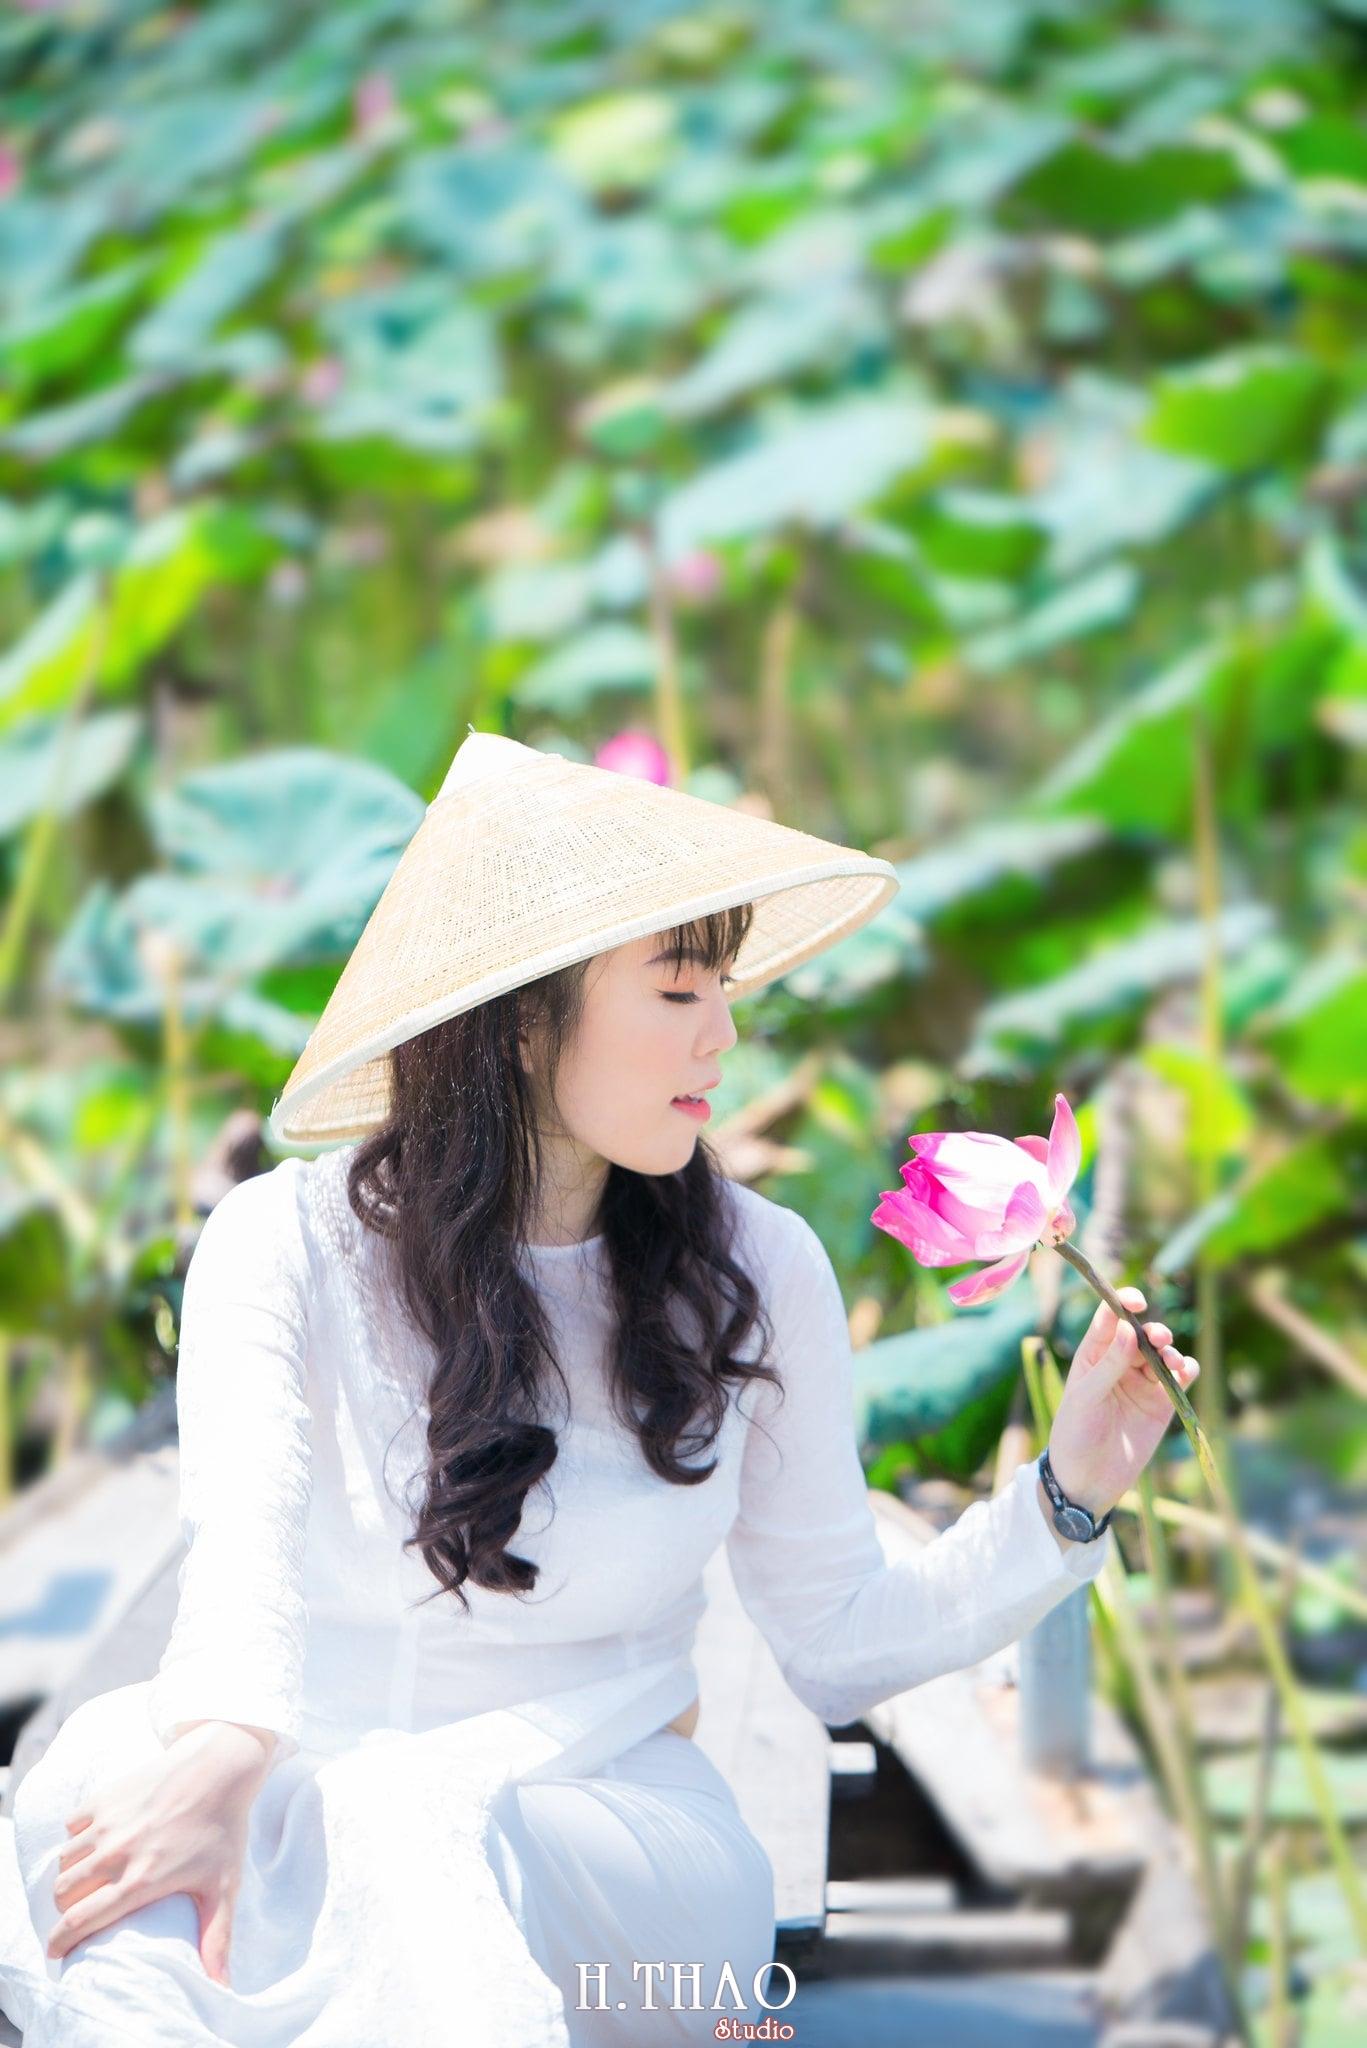 nh áo dài hoa sen 35 - Góc ảnh thiếu nữ áo dài bên hoa sen đẹp tinh khôi- HThao Studio